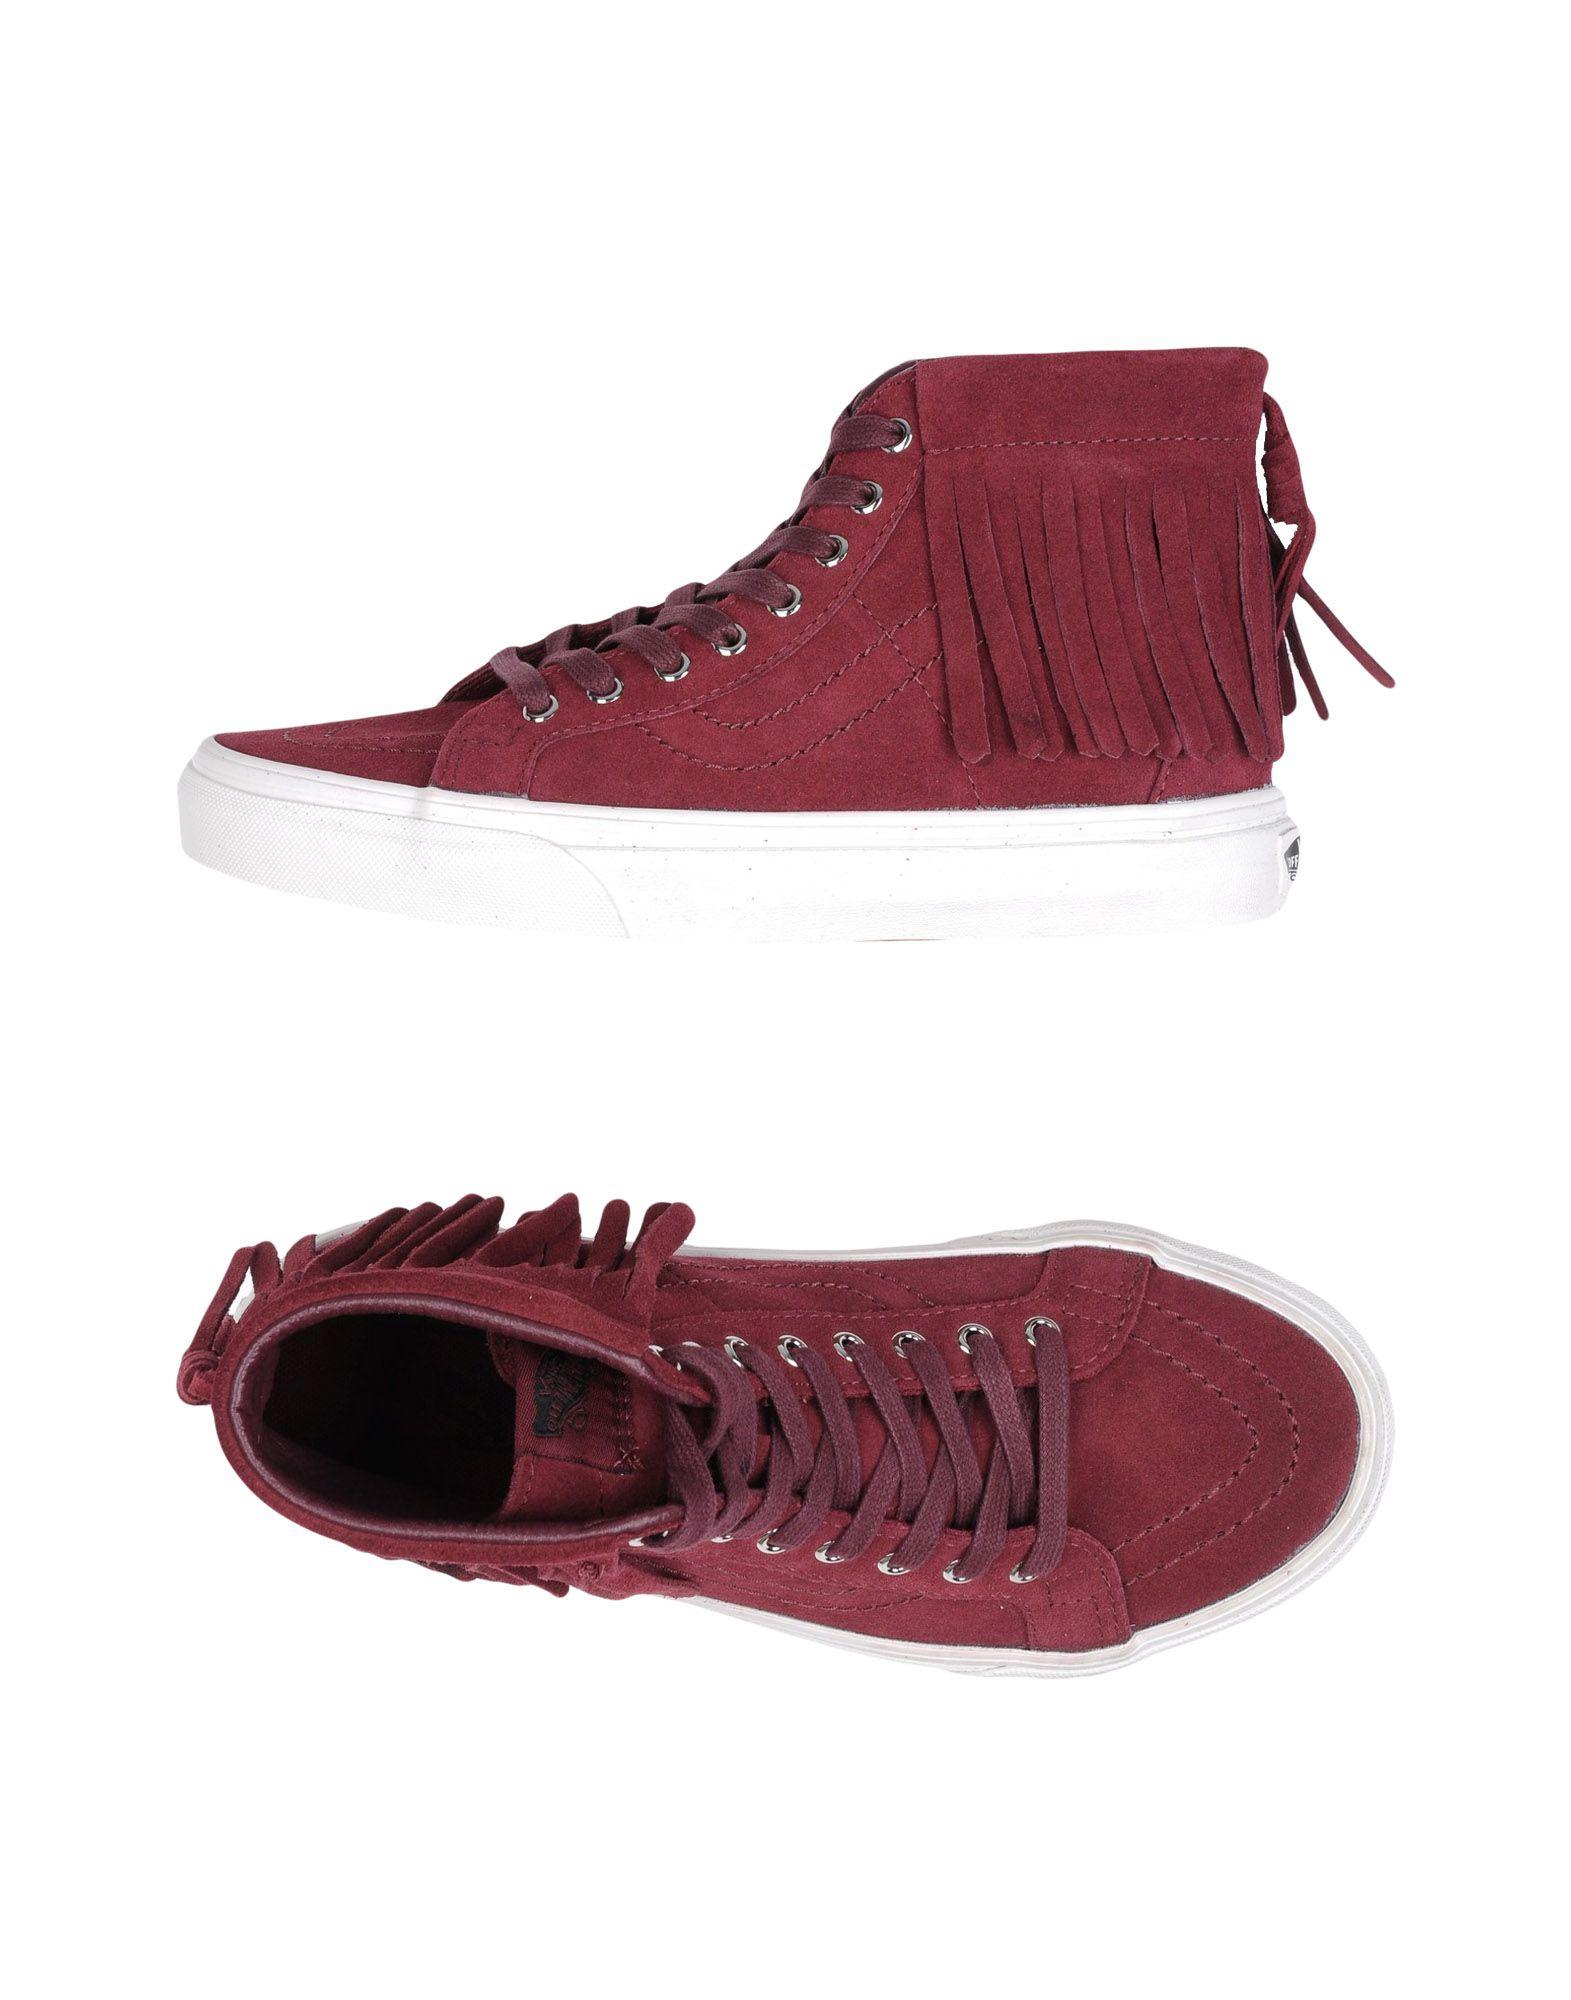 Moda Sneakers Vans Donna - 11246425WL